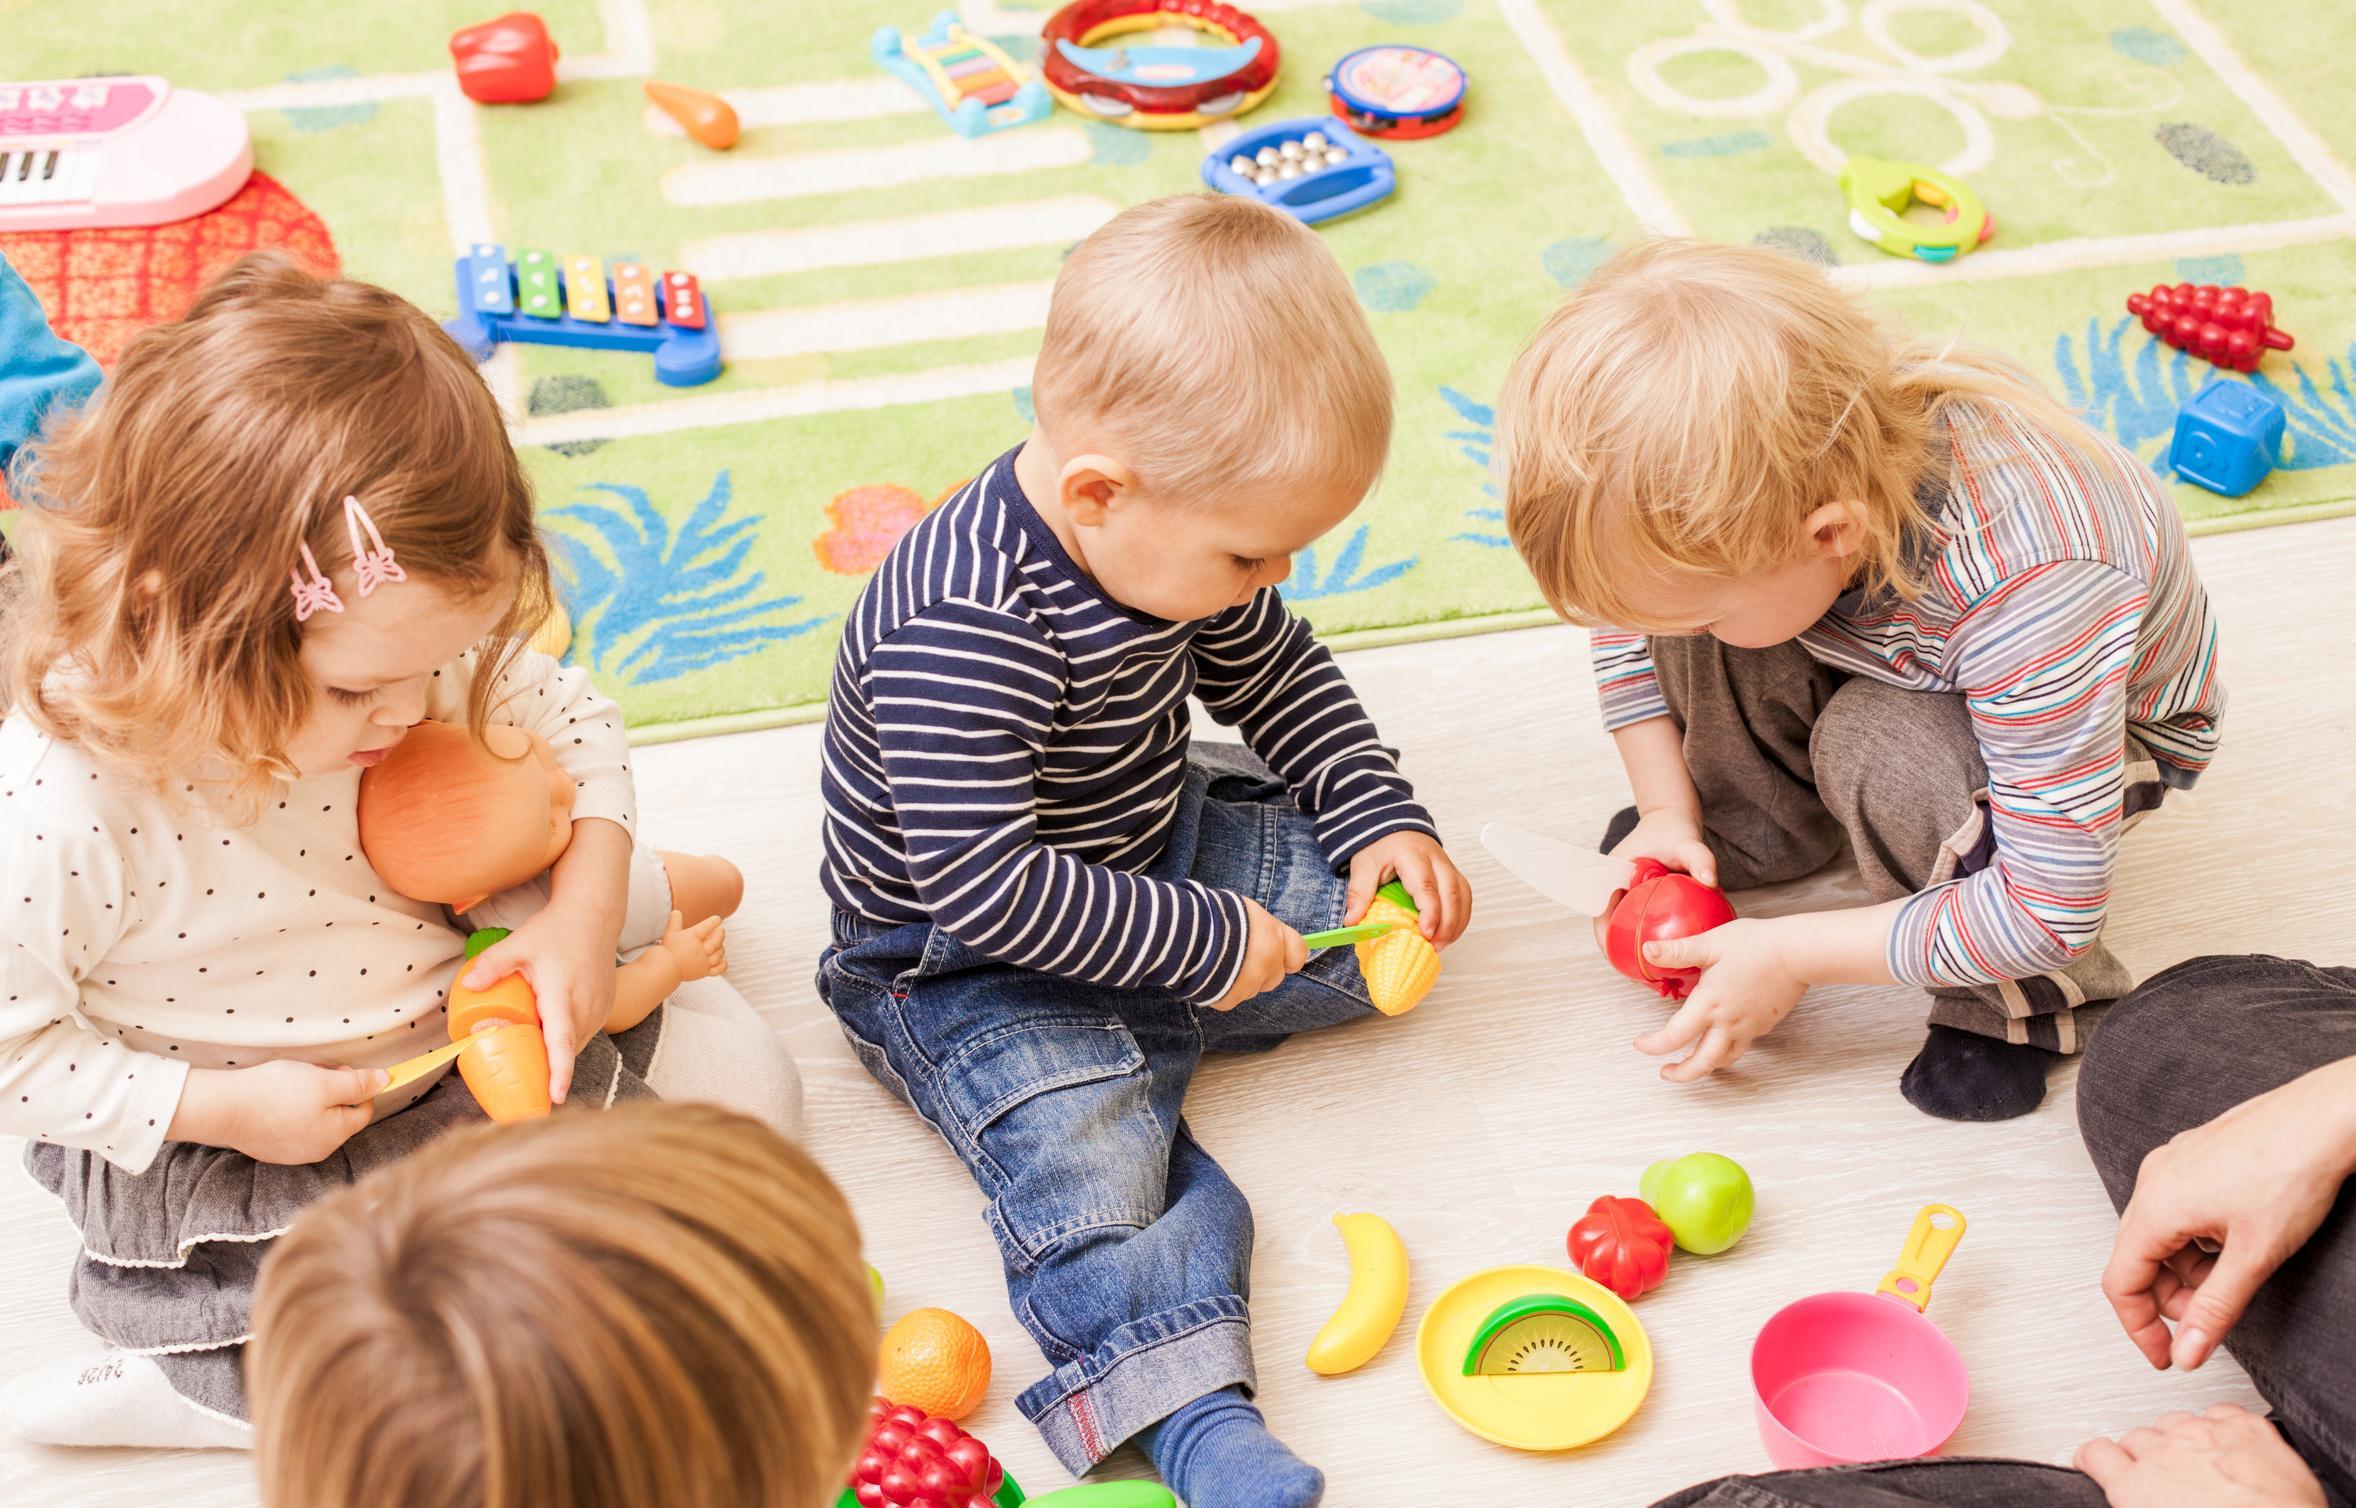 kinderdagverblijf website